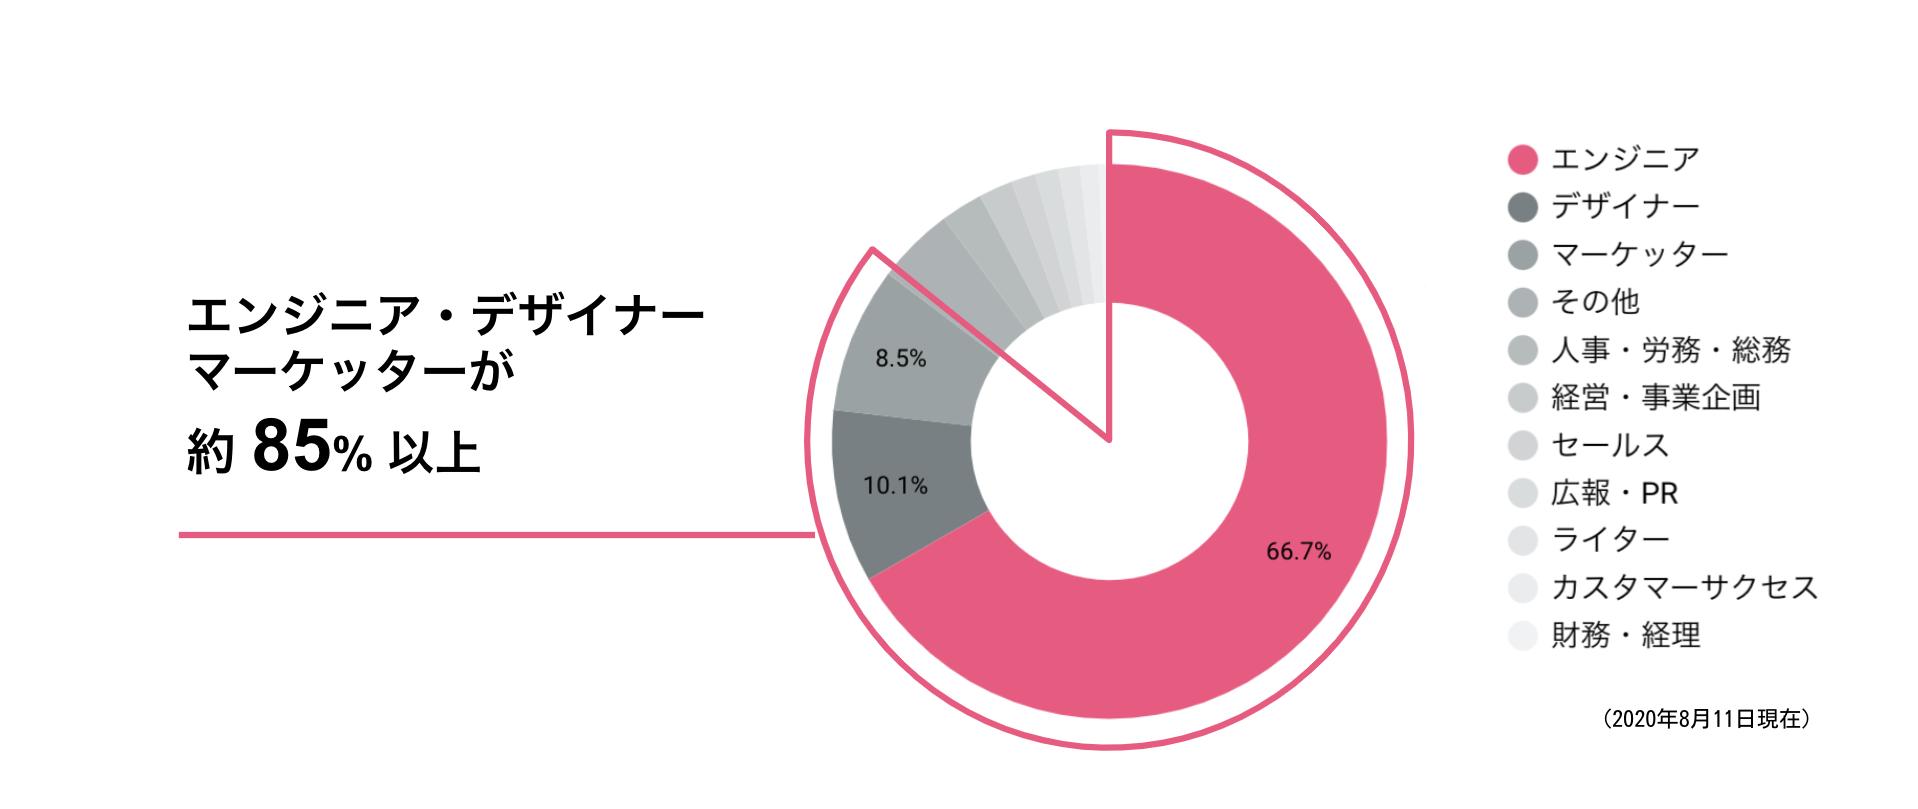 エンジニア・デザイナー・マーケッターが約85%以上